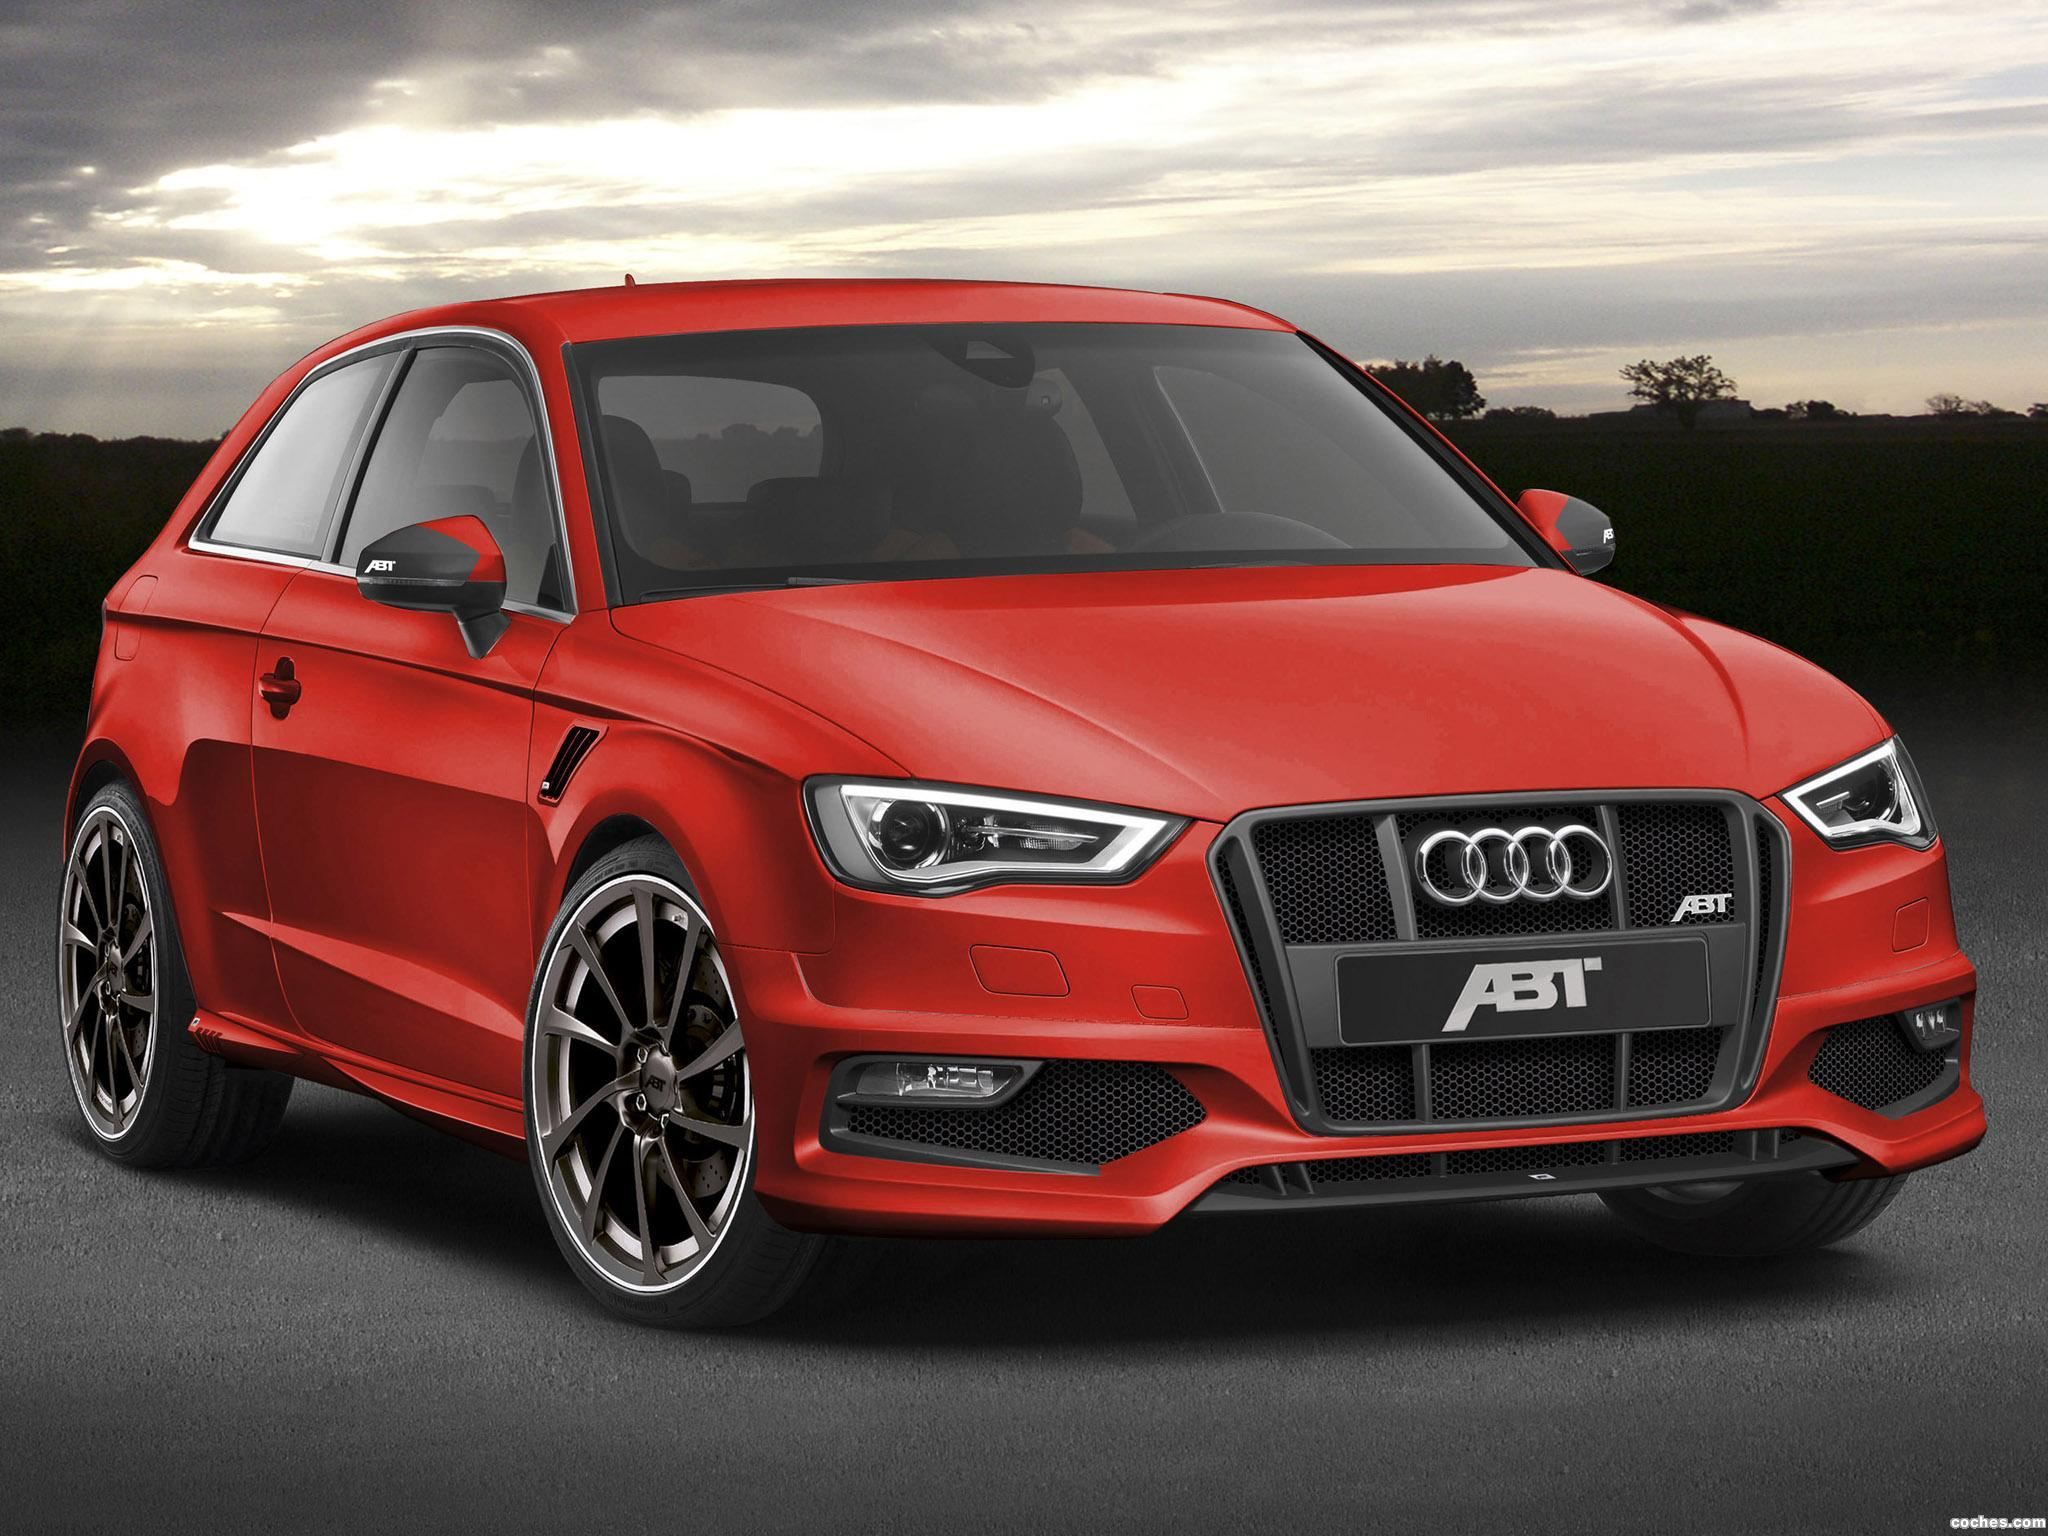 Foto 0 de Audi ABT AS3 2013